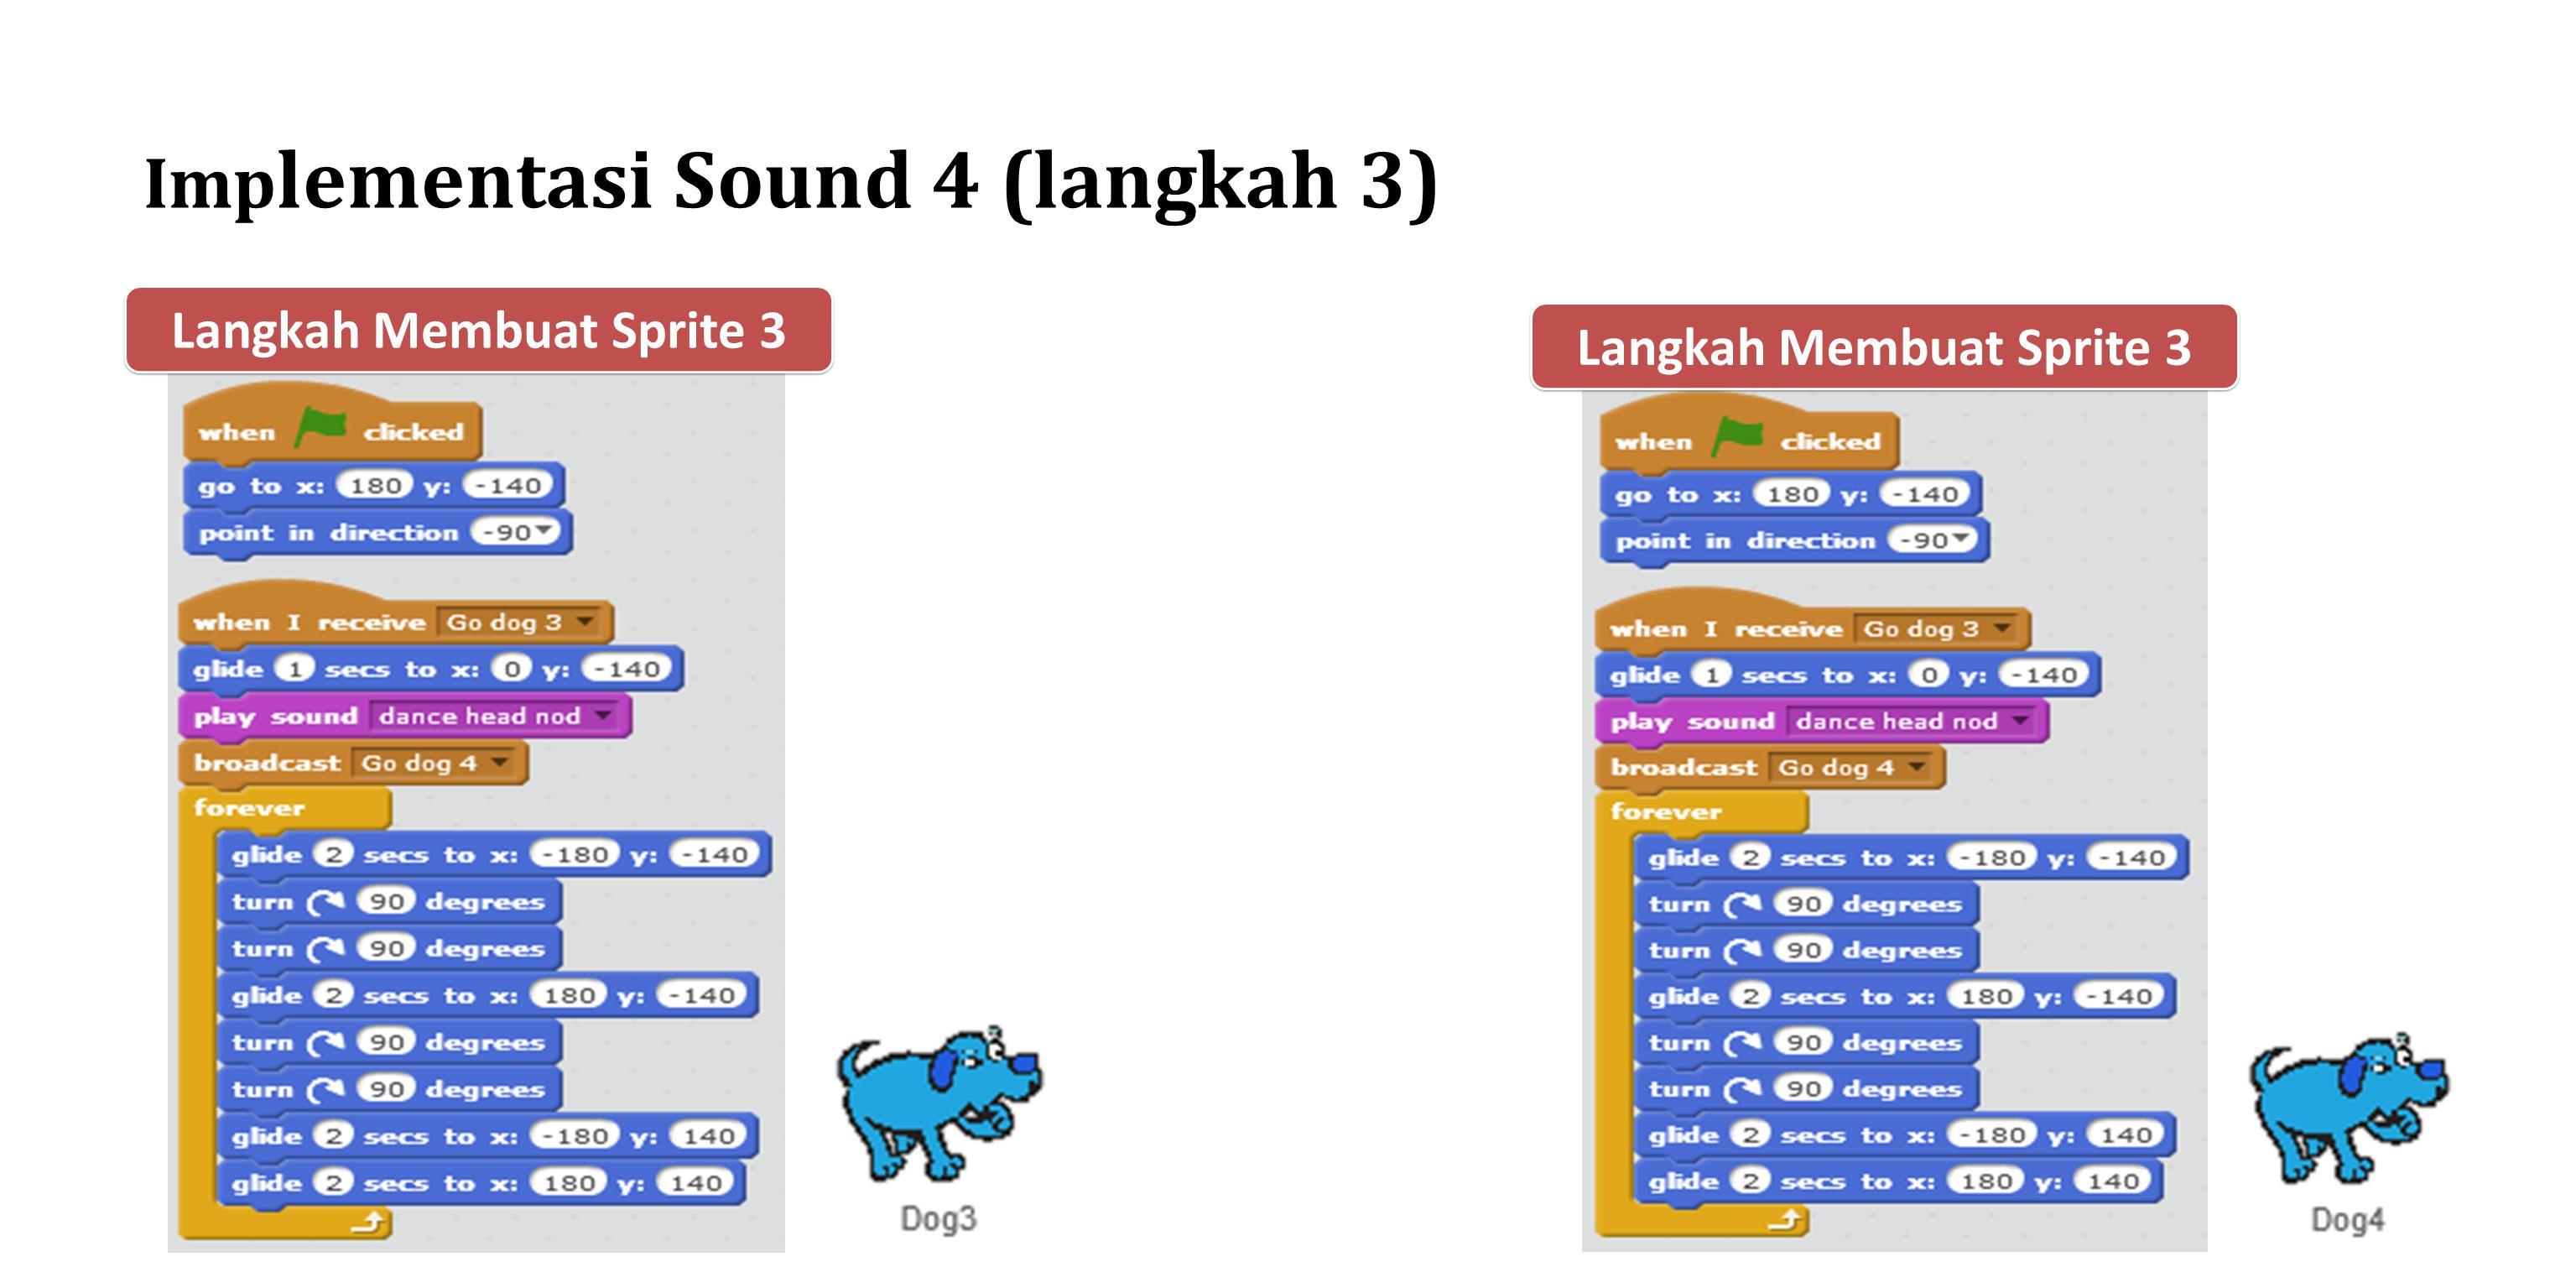 Implementasi Sound 4 (langkah 3)